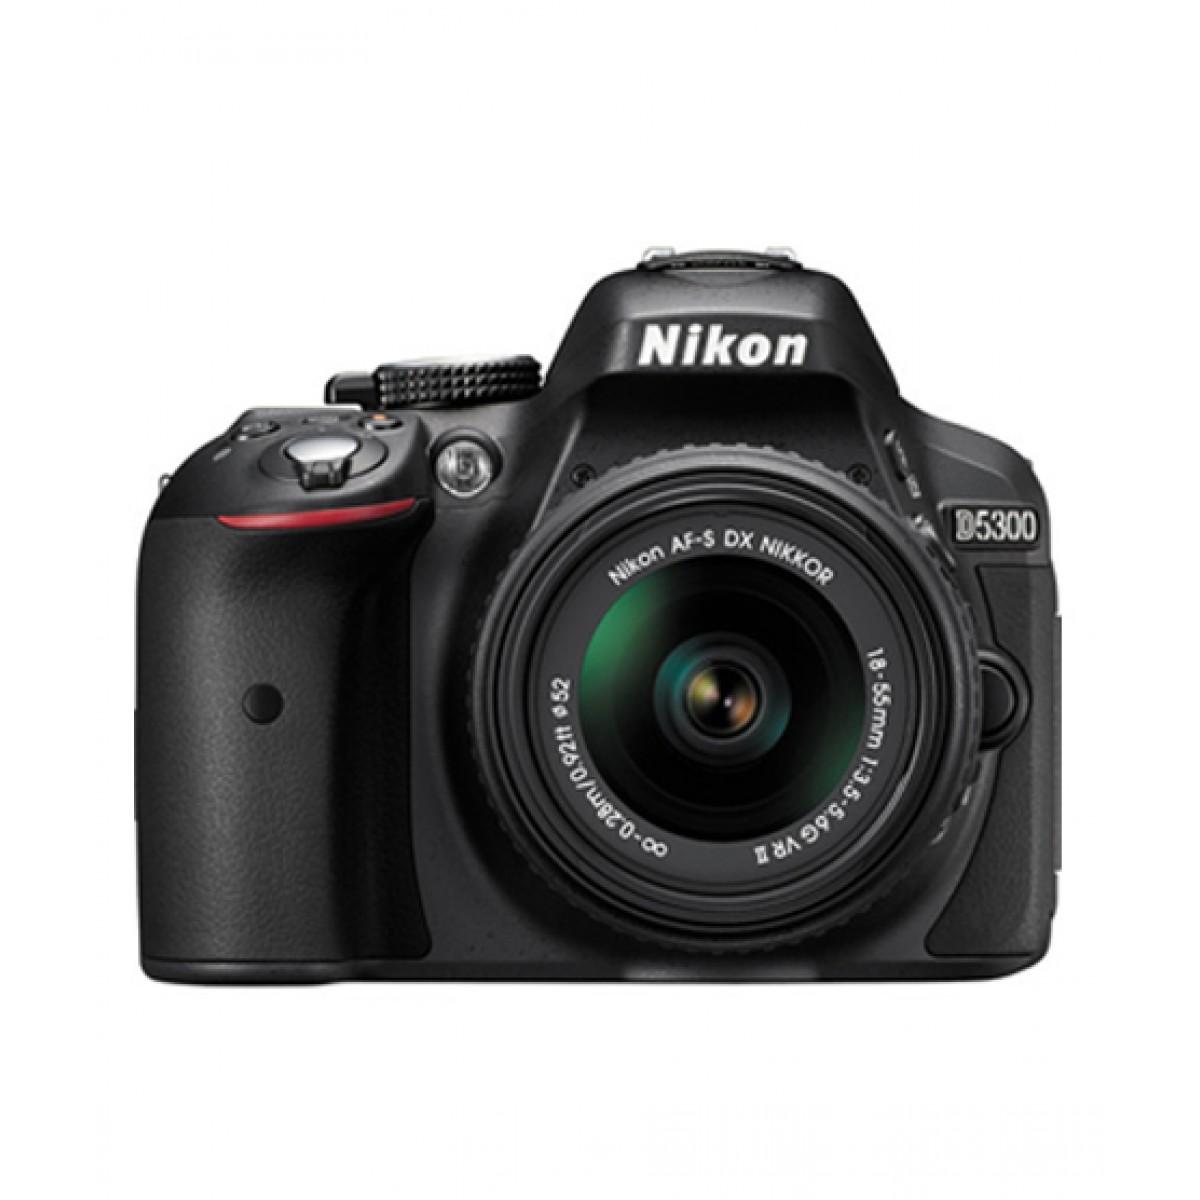 Nikon D5300 DSLR Camera with 18-55mm VR Lens